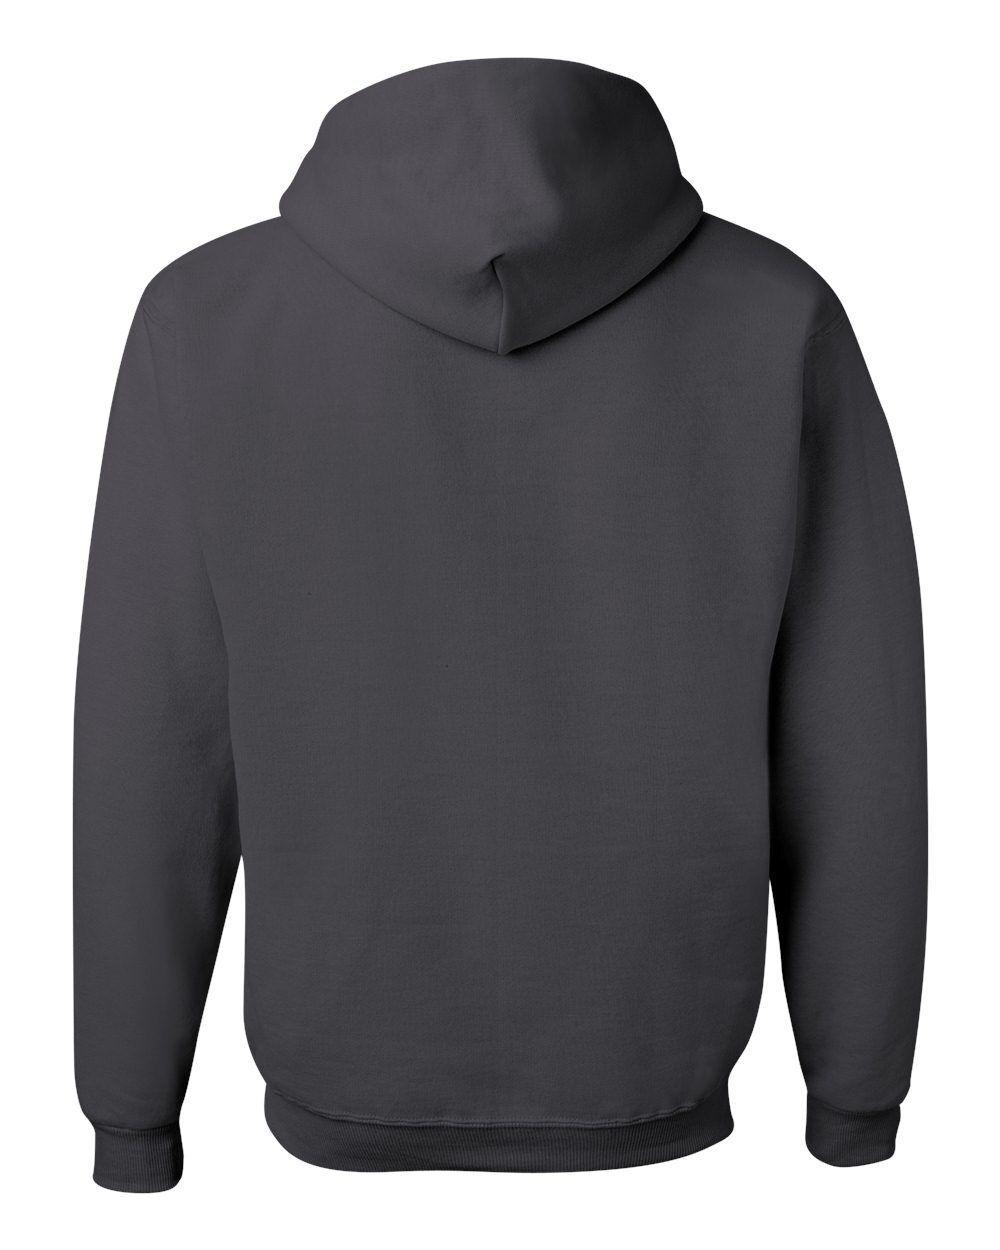 Mens xlt hoodies